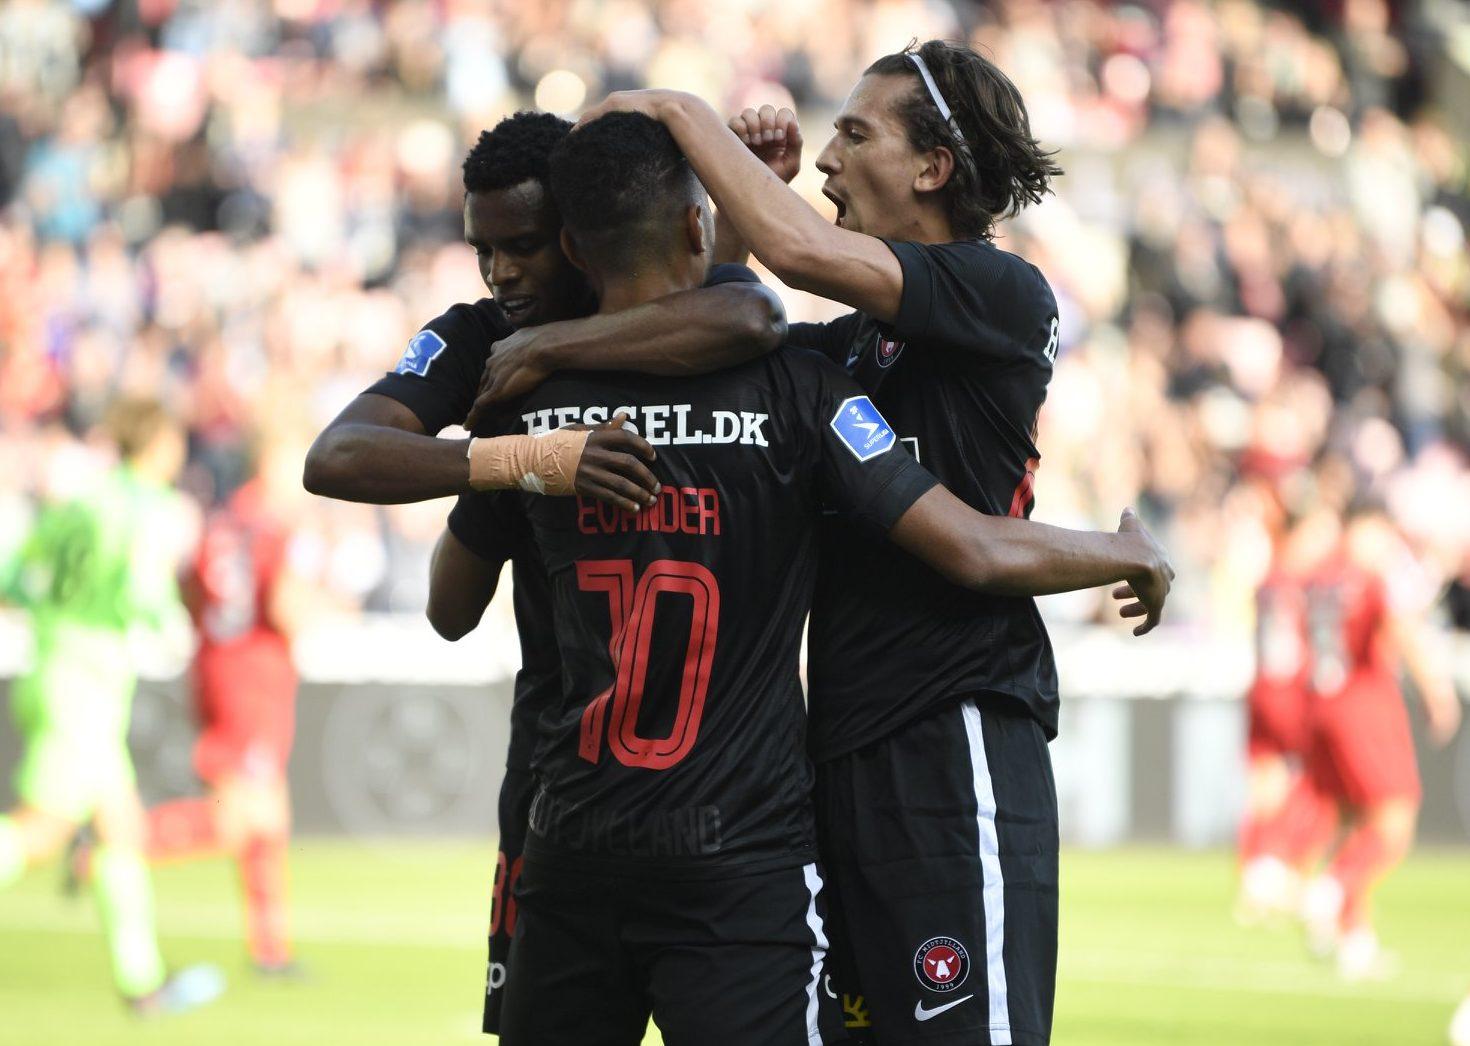 Pronostici Superliga Danimarca 16 febbraio: le quote della A danese